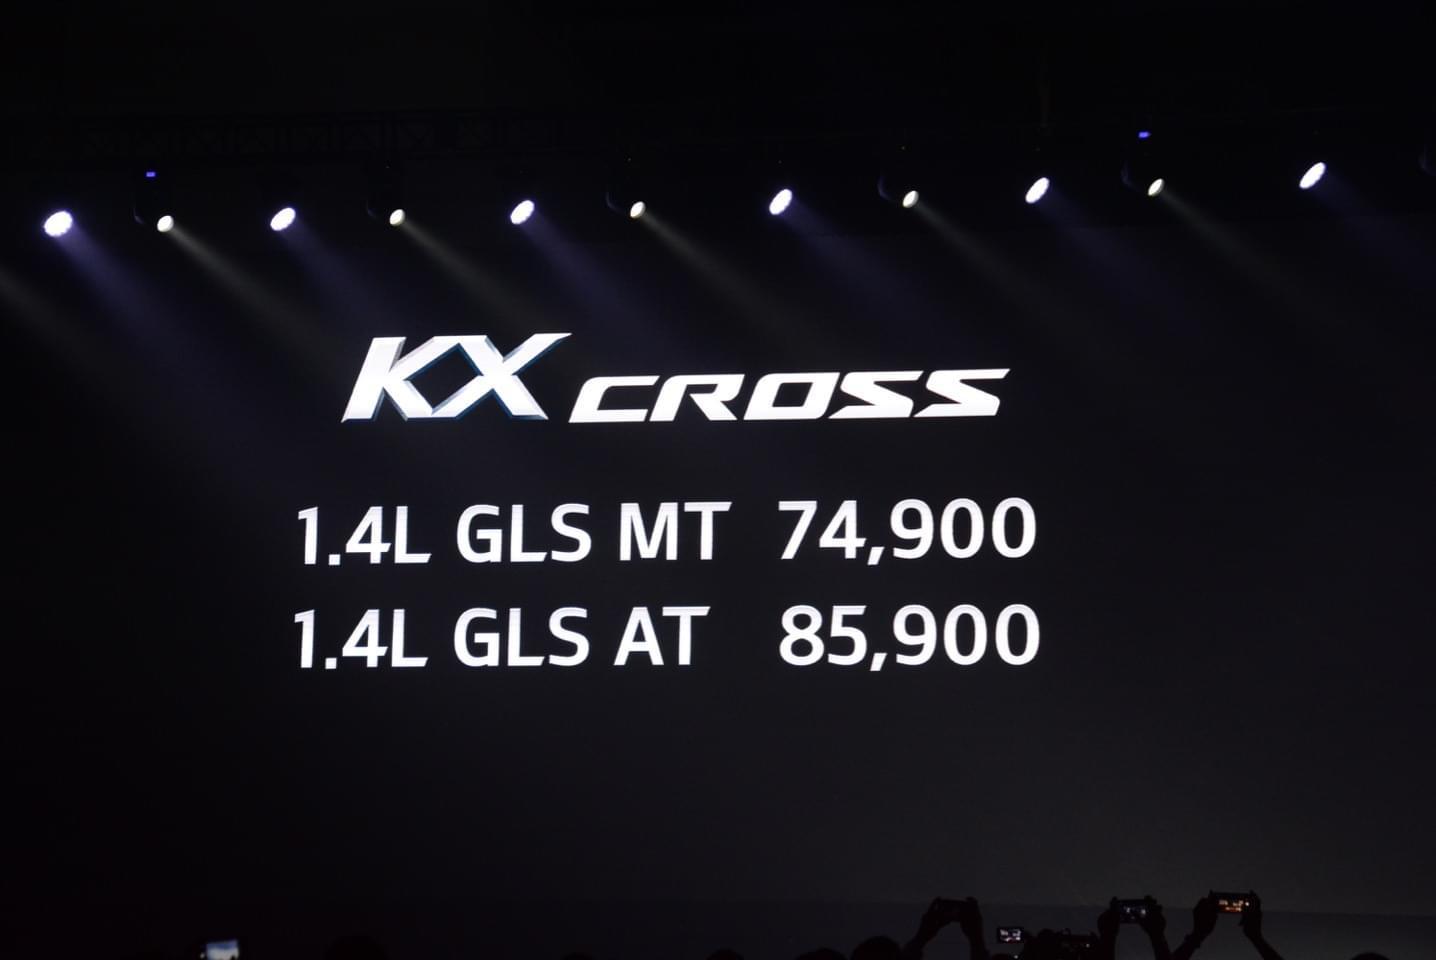 售7.49万起 起亚凯绅&KX CROSS双车上市